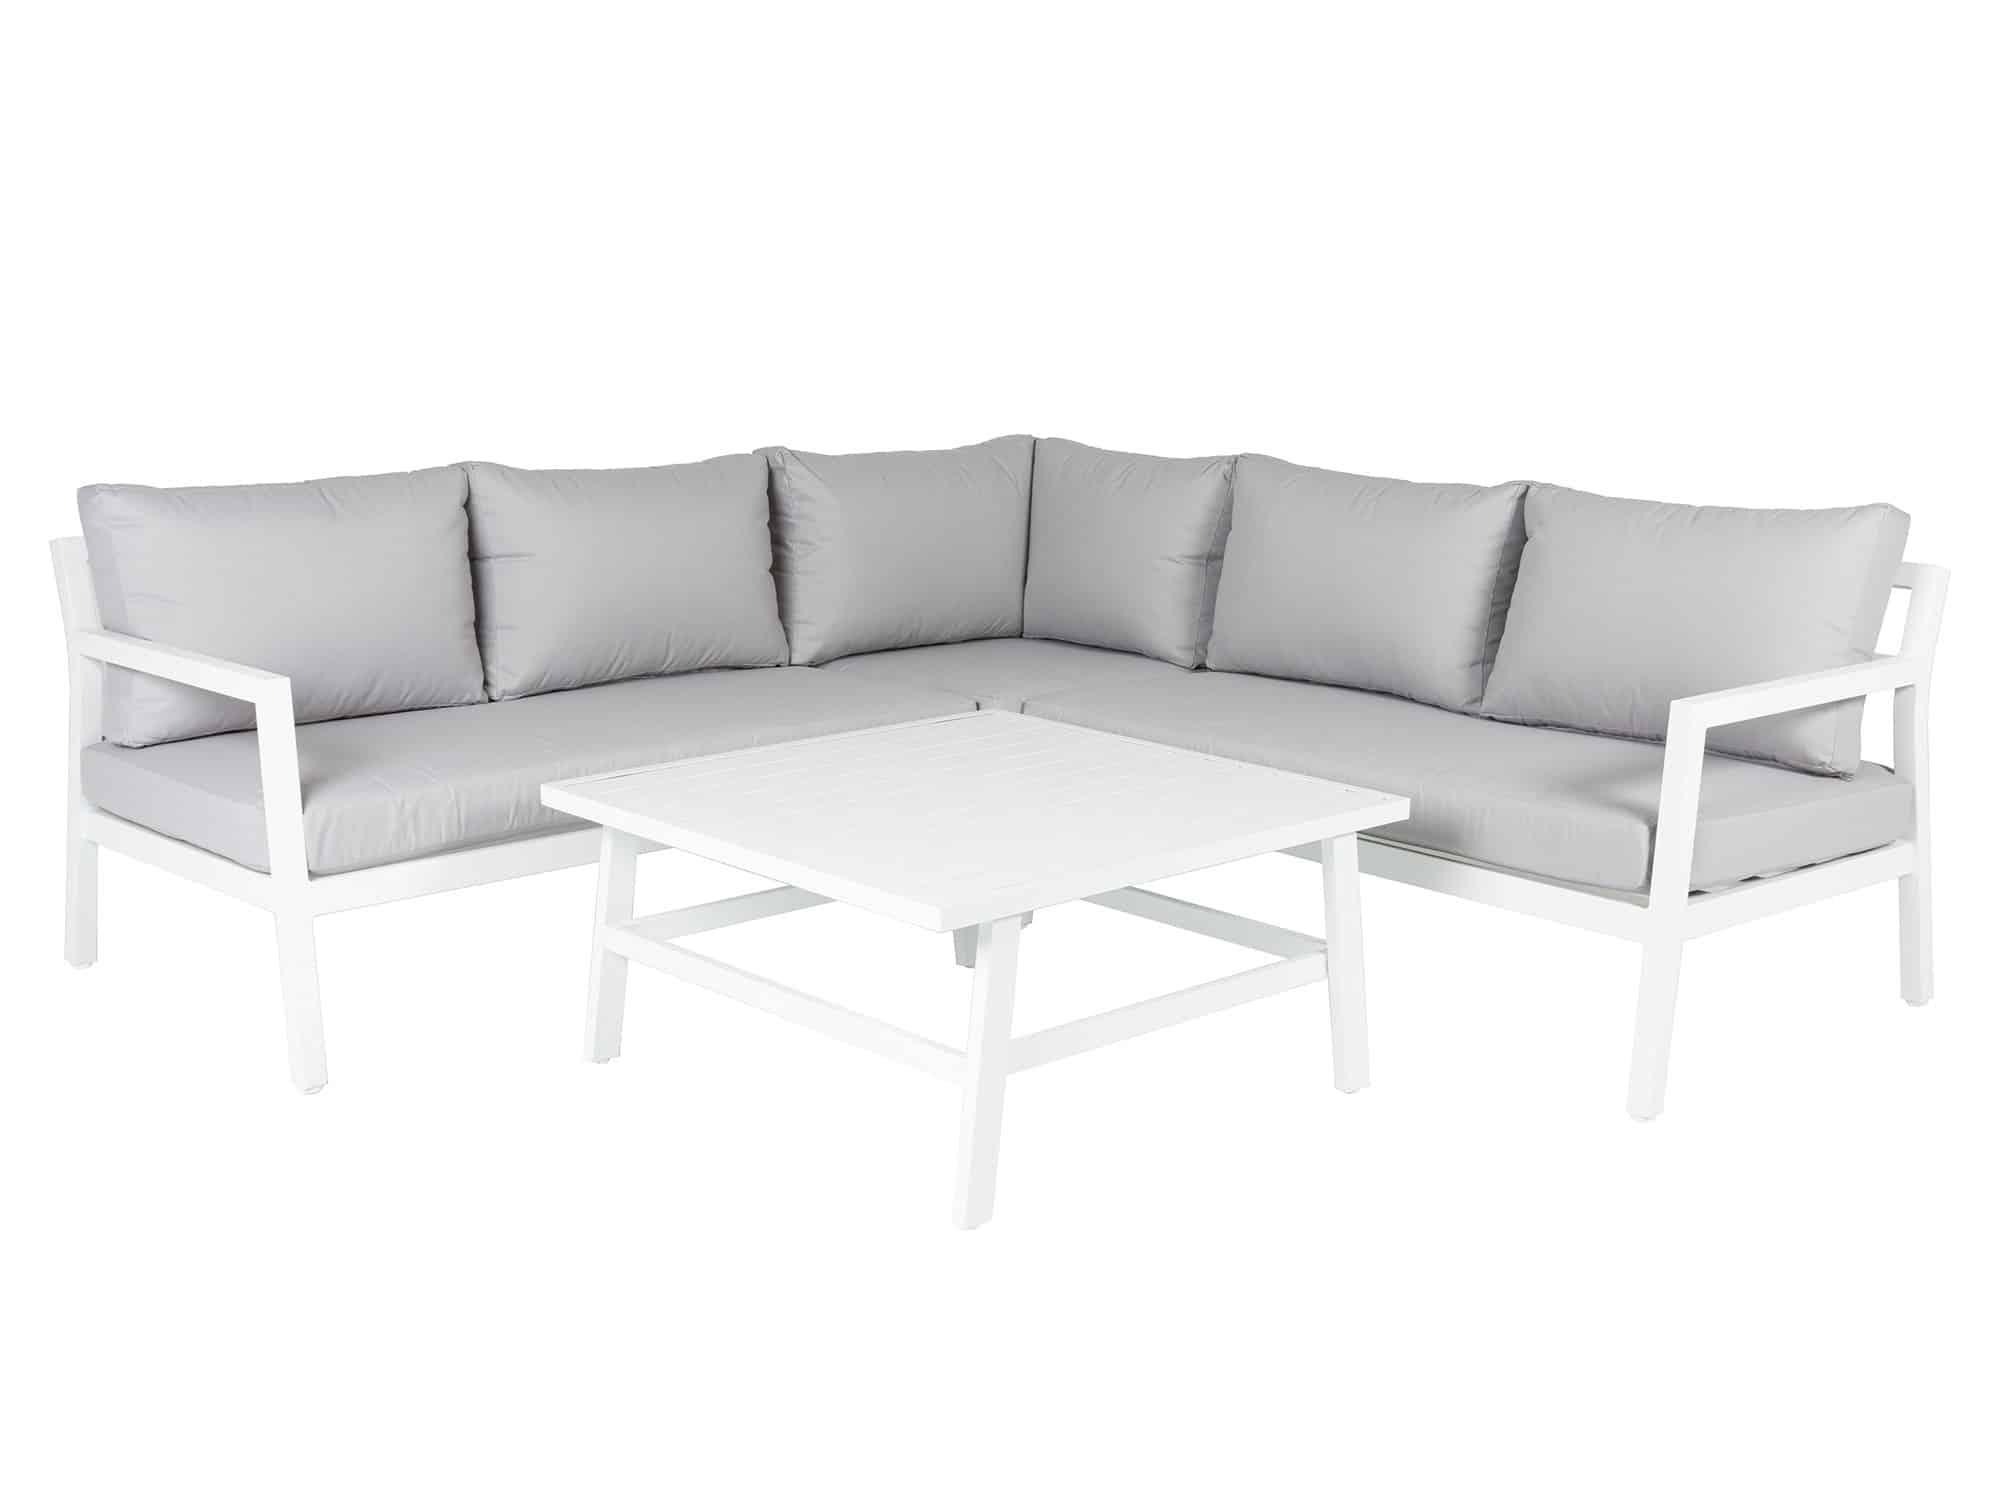 Produktbilde - Coventry hjørnegruppe med bord - hvit - hartman nordic